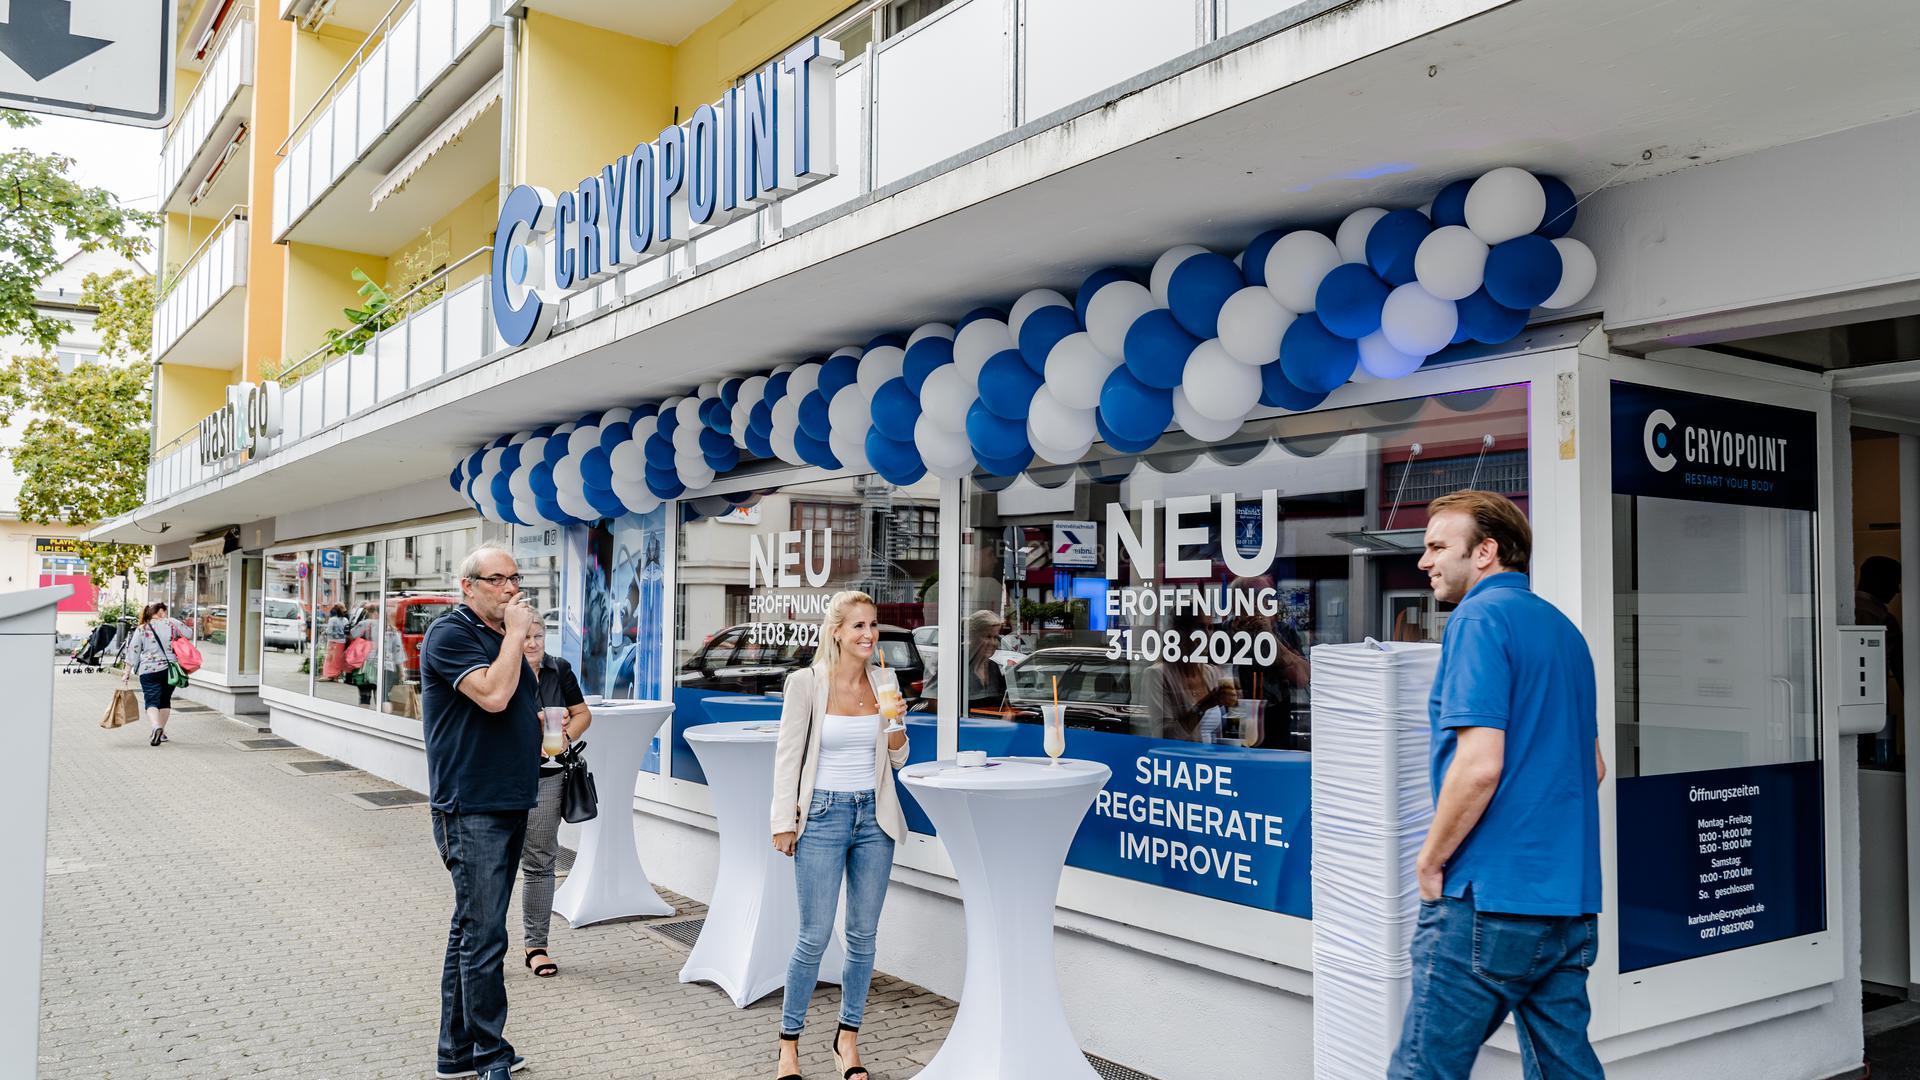 Die feierliche Eröffnung der Cryopoint-Filiale in der Sophienstraße war eine gute Gelegenheit, sich das Angebot und die Technik einmal aus nächster Nähe anzuschauen.